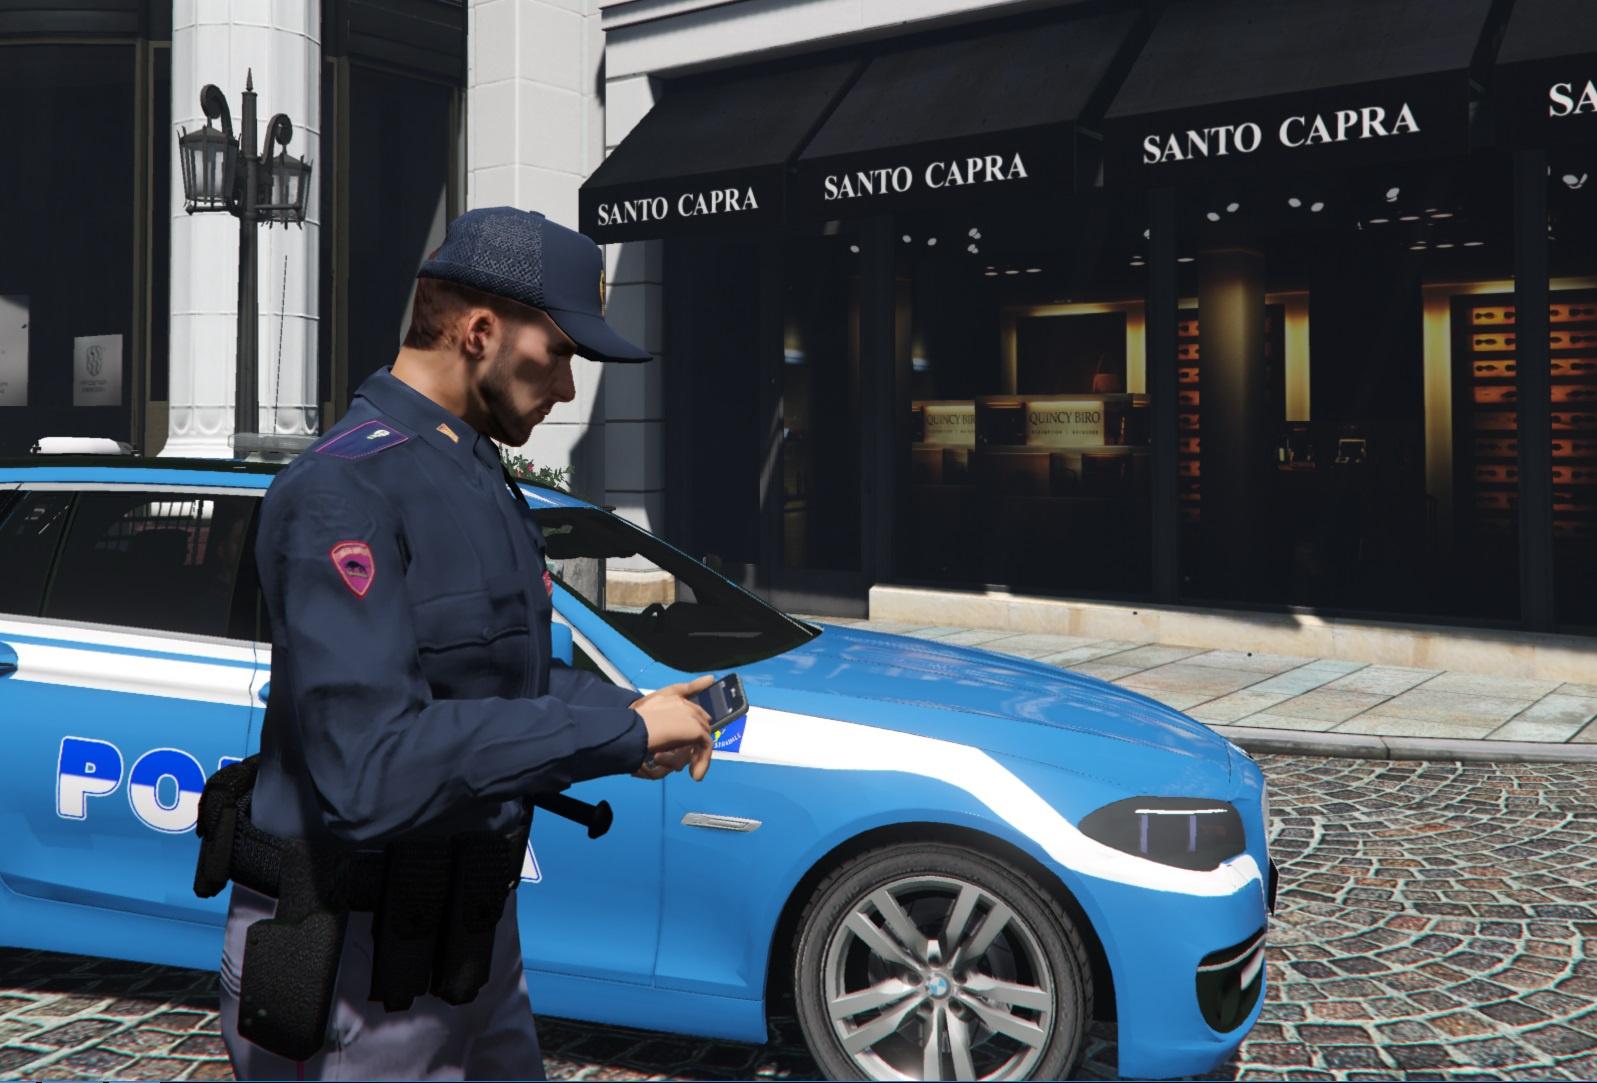 polizia di stato di stranieri polizia di stato di 8